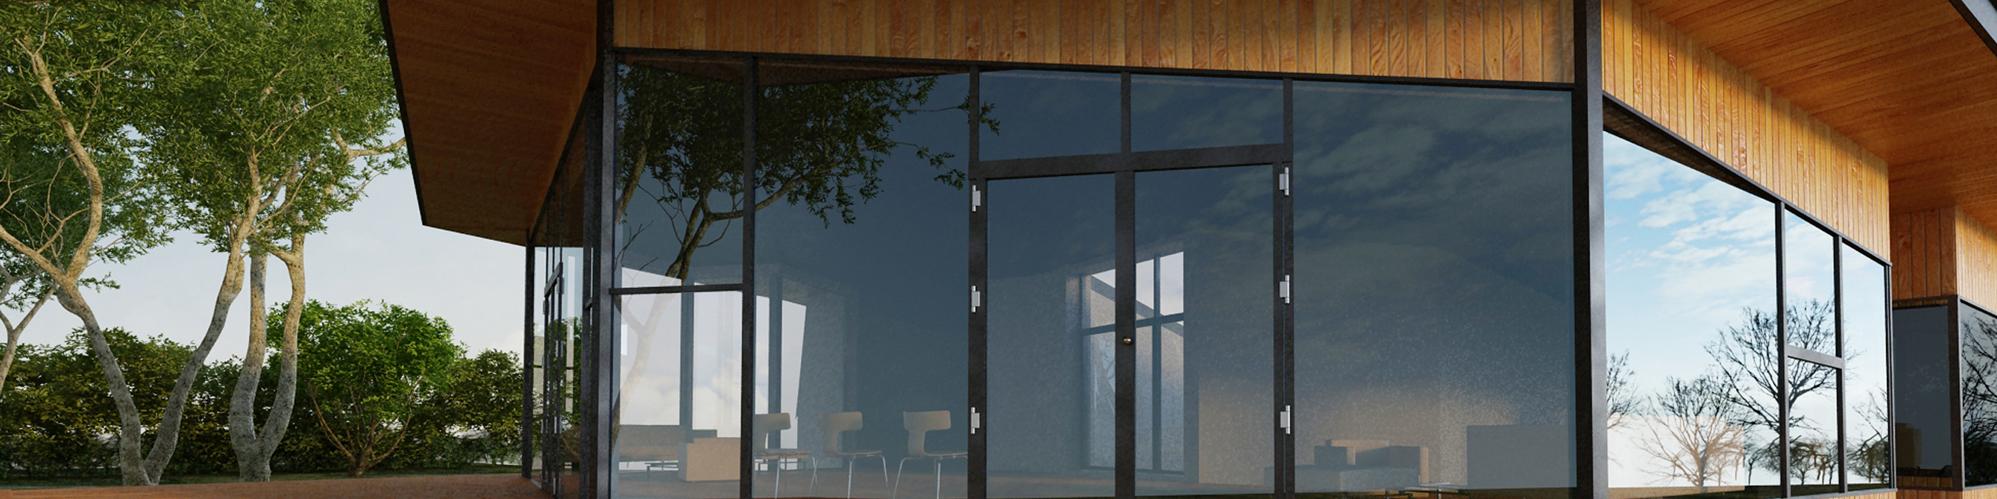 Full Size of Fenster Braun Rollos Innen Sonnenschutz 3 Fach Verglasung Beleuchtung Schüco Preise Neue Kosten Alte Kaufen Sichtschutzfolie Fliegennetz Einbruchsicher Fenster Fenster Türen